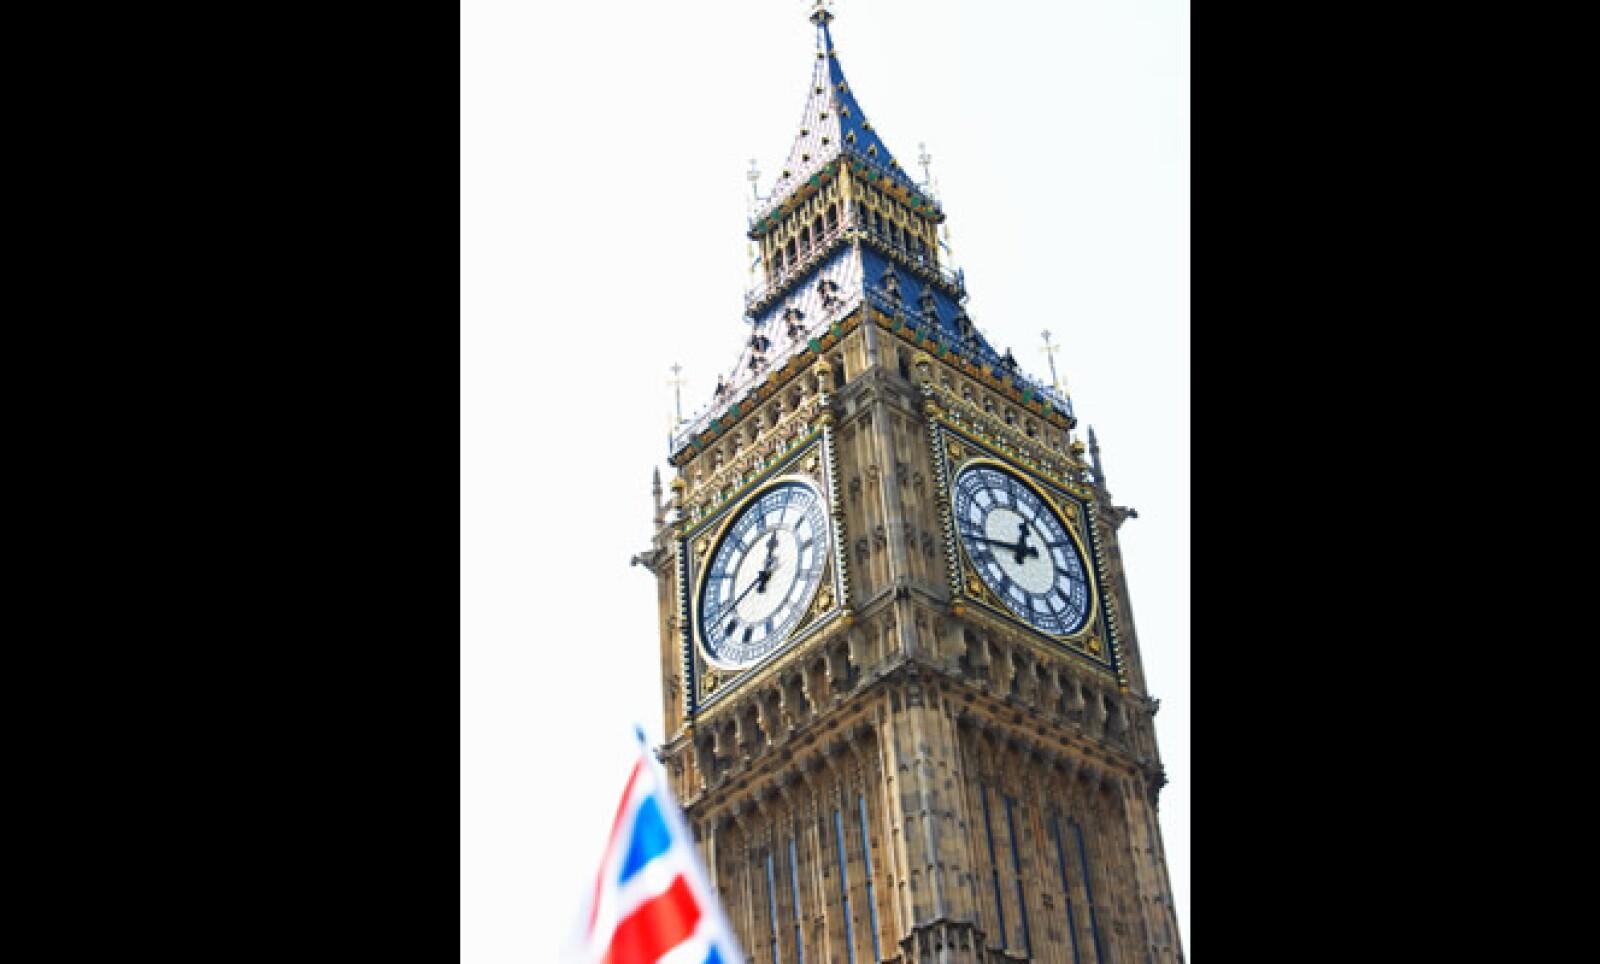 Al norte del Palacio de Westminister, está el famoso reloj de Londres, el cual cumple en mayo 151 años de haber sido construido. Su sobrenombre viene de arquitecto Sir Benjamin Hall, quien condujo la construcción del famoso reloj.